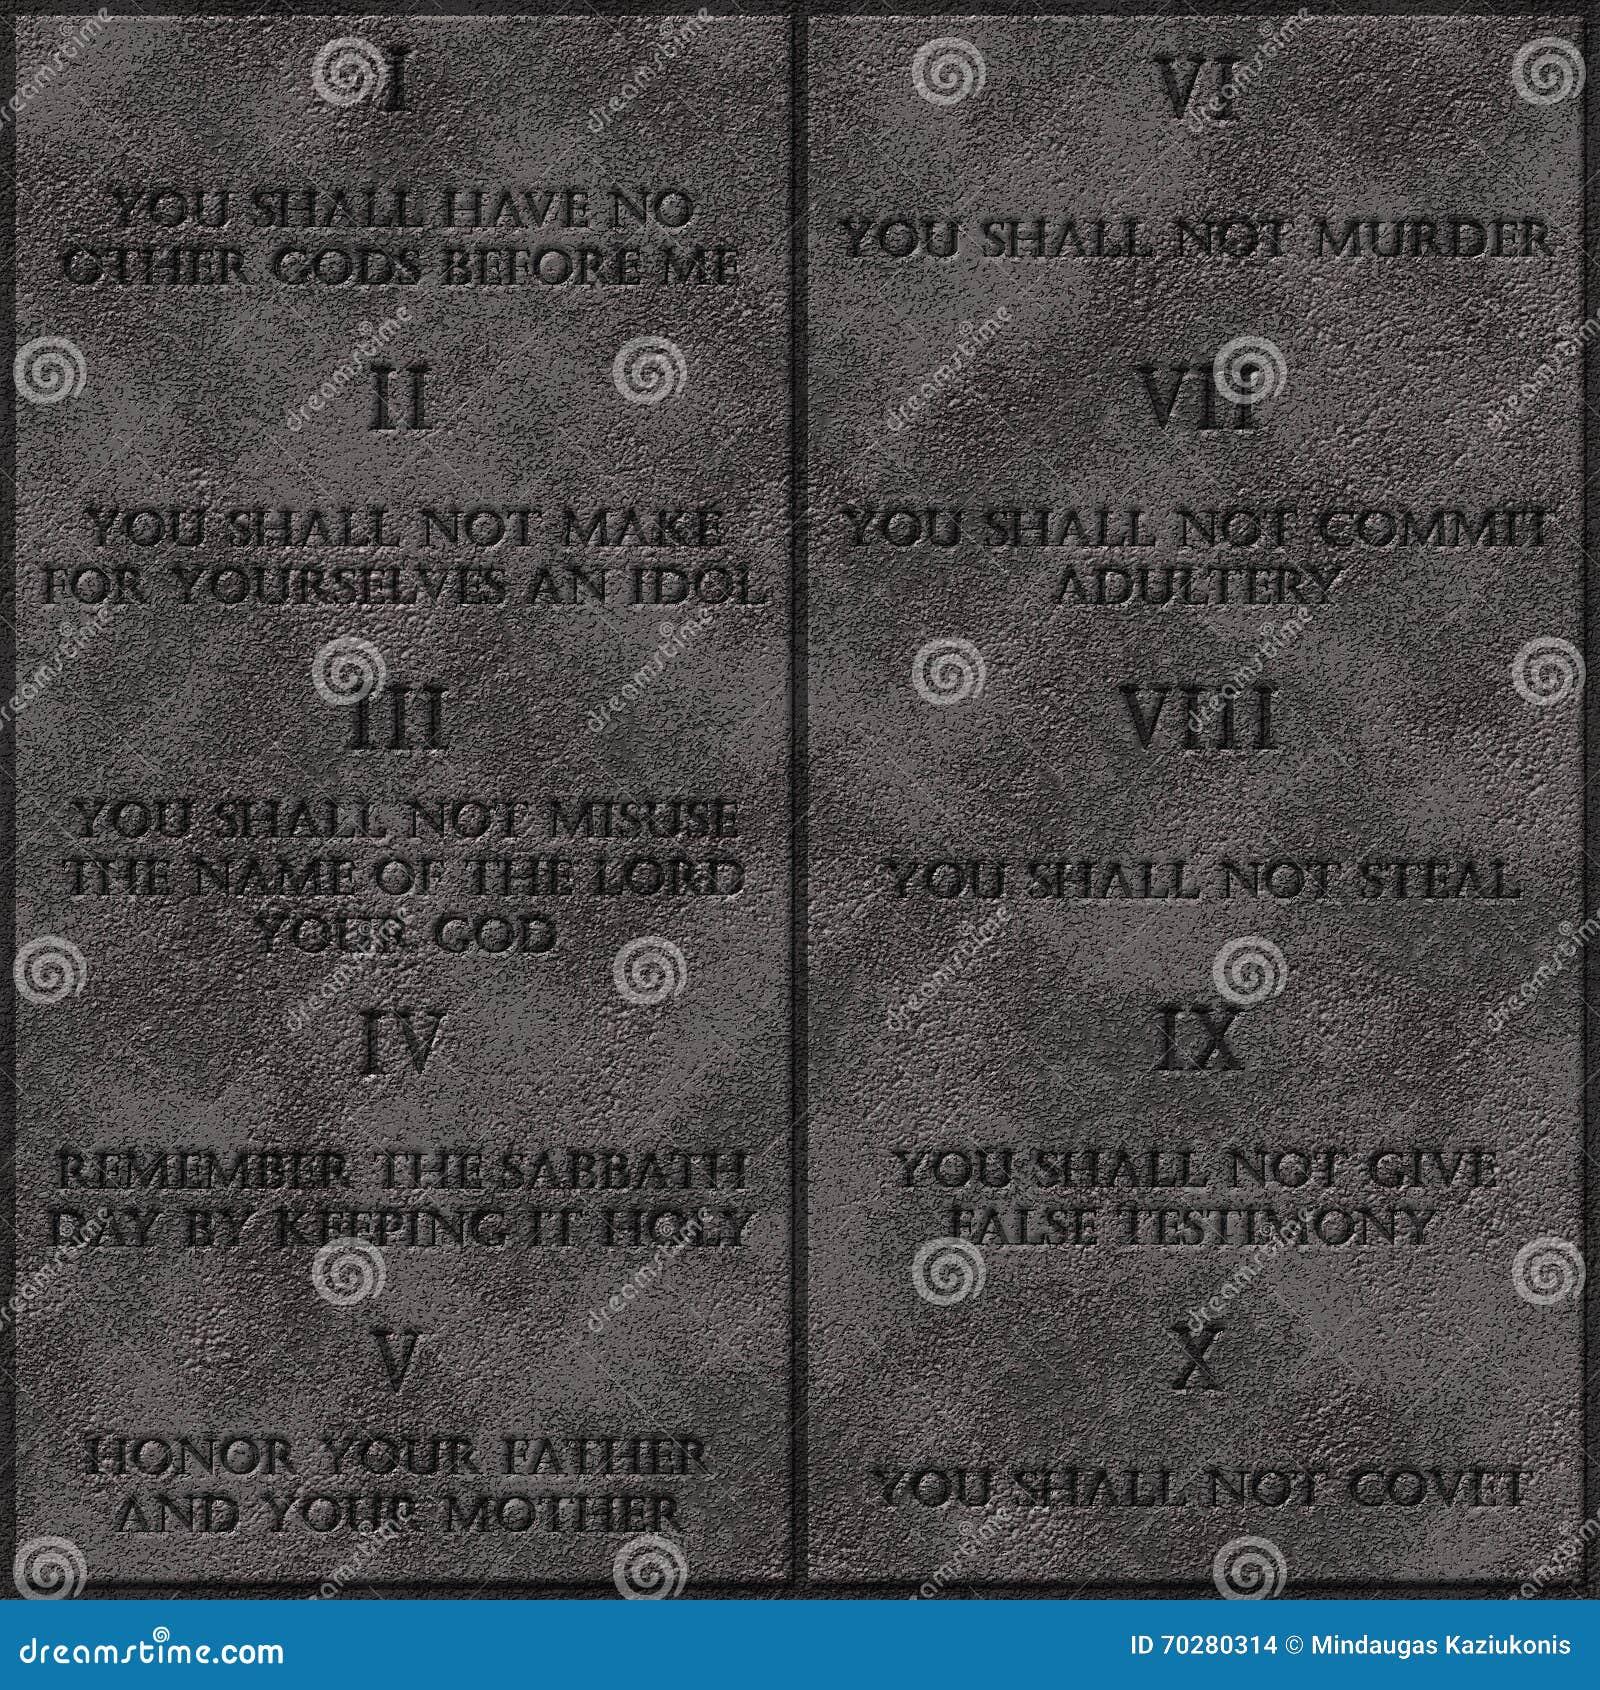 les 10 commandements de dieu pdf